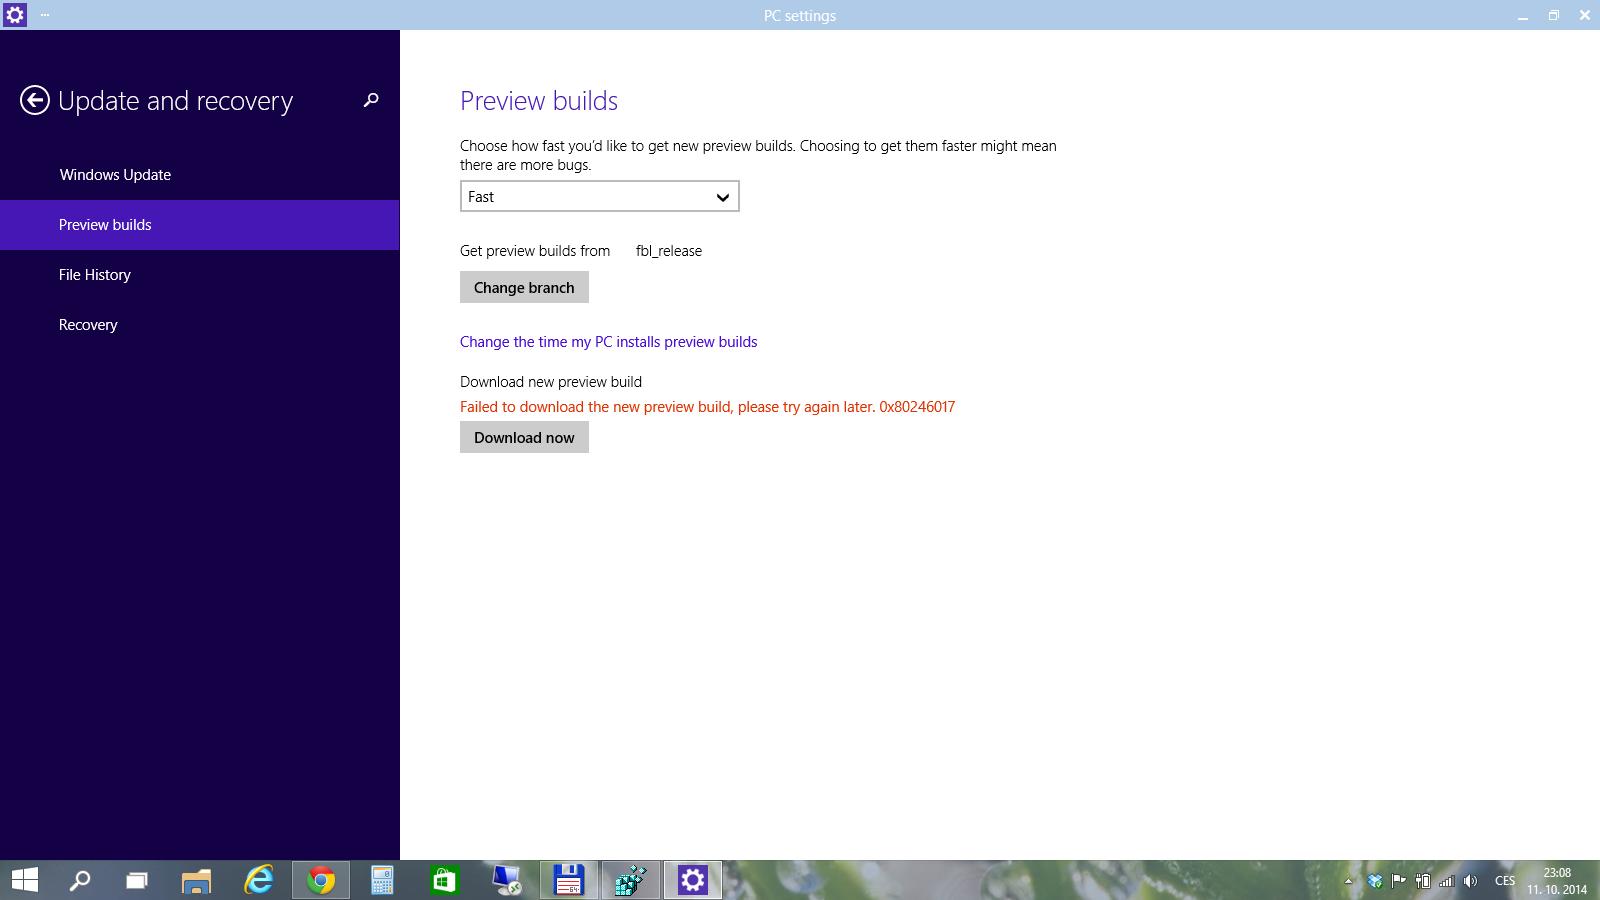 Windows 10 TP: Tweak frekvence a aktualizační větve nových buildů